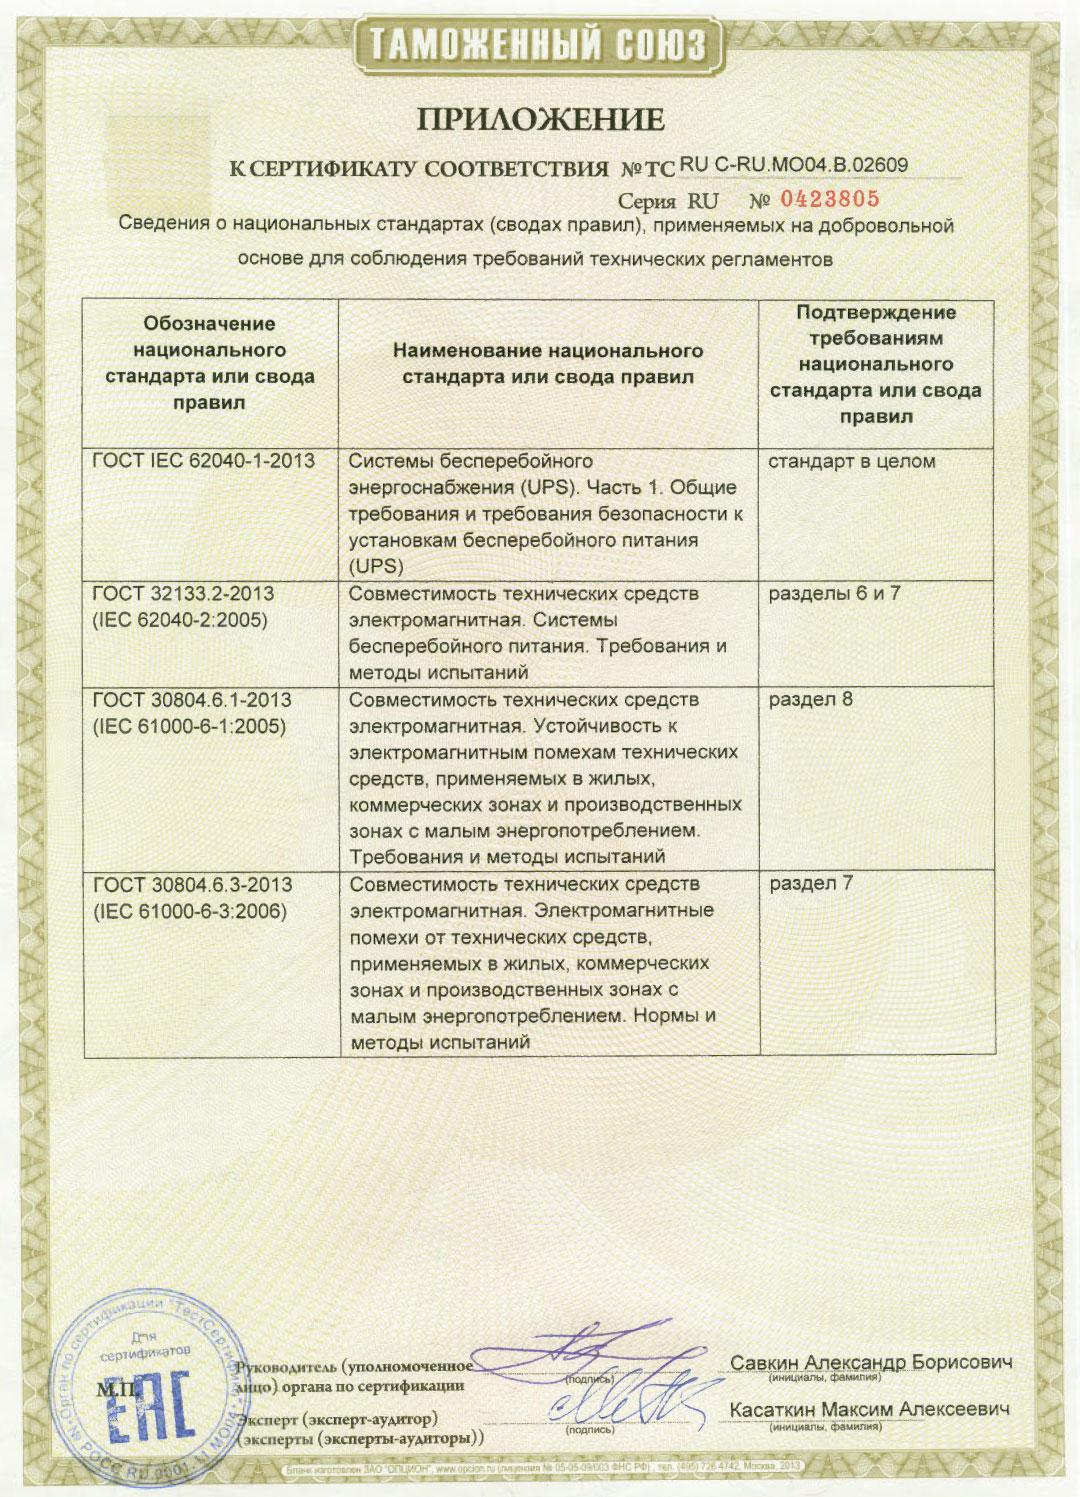 Сертификат соответствия Таможенного союза на БАП Приложение